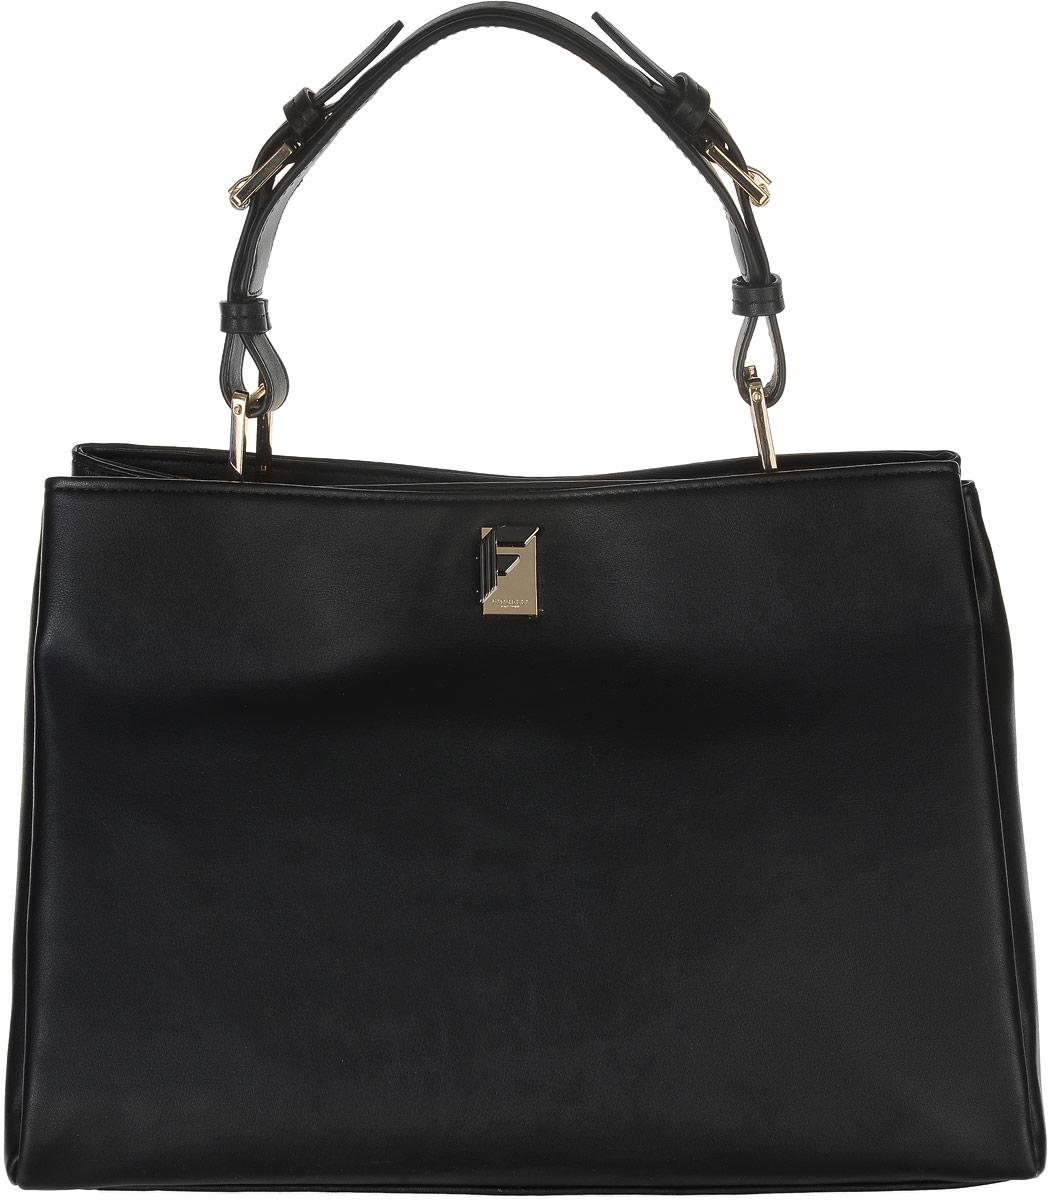 Сумка женская Fiorelli, цвет: черный. 8504 FHA-B86-05-CСтильная женская сумка Fiorelli выполнена из мягкой искусственной кожи и декорирована золотистой фурнитурой.Сумка имеет два вместительных отделения и закрывается на застежки-магниты. Внутри имеется прорезной карман на застежке-молнии и четыре открытых пришивных кармана для телефона и мелочей. Снаружи на задней стенке располагается прорезной карман на молнии. Сумка оснащена стильной эргономичной ручкой, которая регулируется по длине. Роскошная сумка внесет элегантные нотки в ваш образ и подчеркнет ваше отменное чувство стиля. Дизайн продукции Fiorelli разрабатывается в Лондоне молодой, амбициозной командой, идущей в ногу со временем и предлагающей модели, которые предназначены для любых случаев, как для выхода в свет, так и для рабочих будней, торжественных приемов или коктейльных вечеринок.